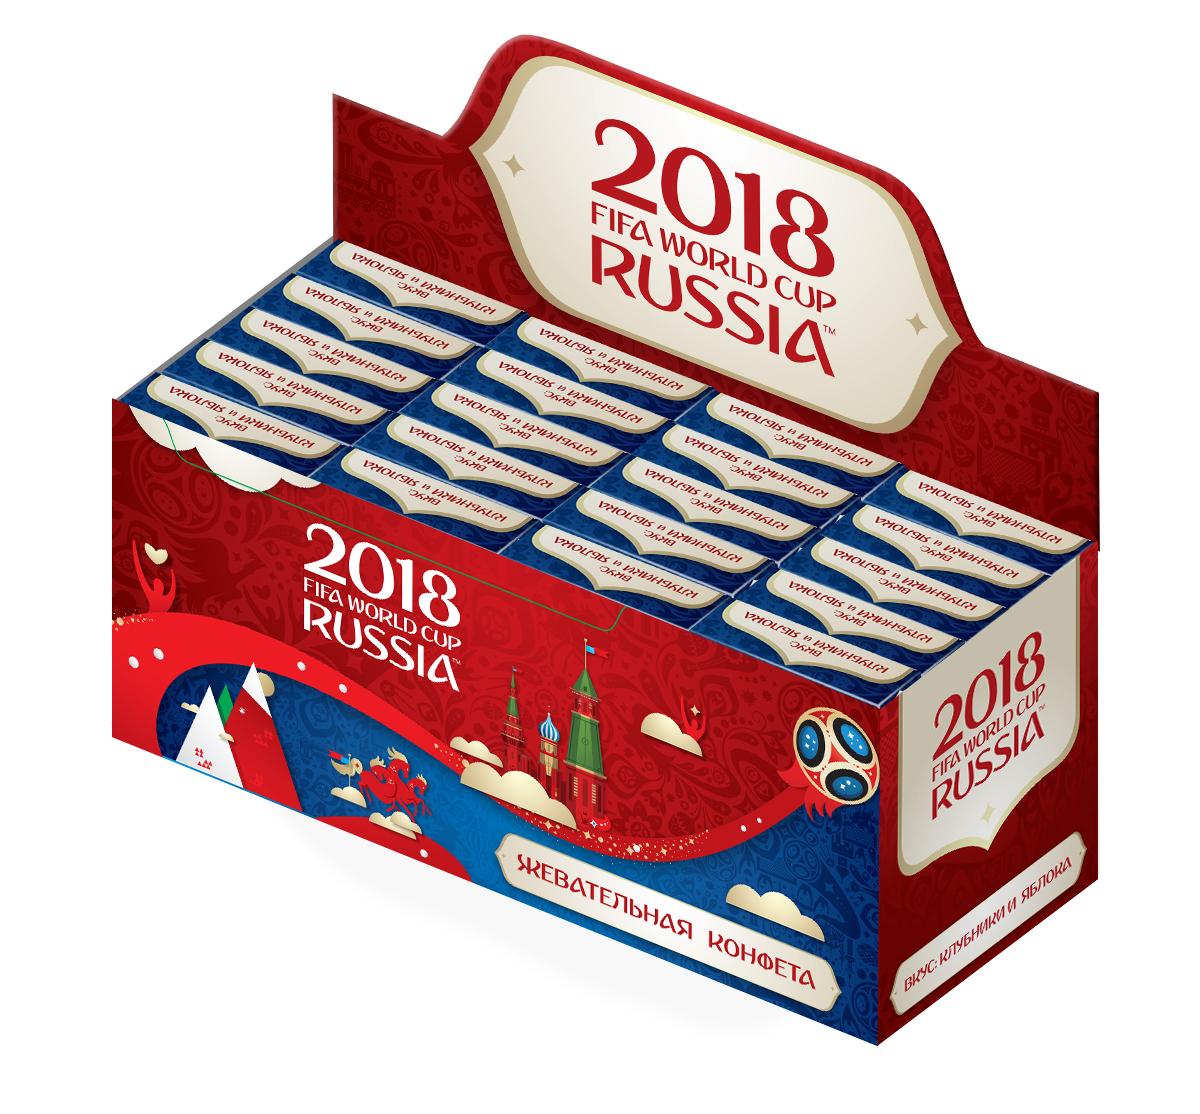 Конфитрейд FIFA кислые жевательные конфеты, 20 шт по 22 г конфеты jerry belly jelly belly 20 150g